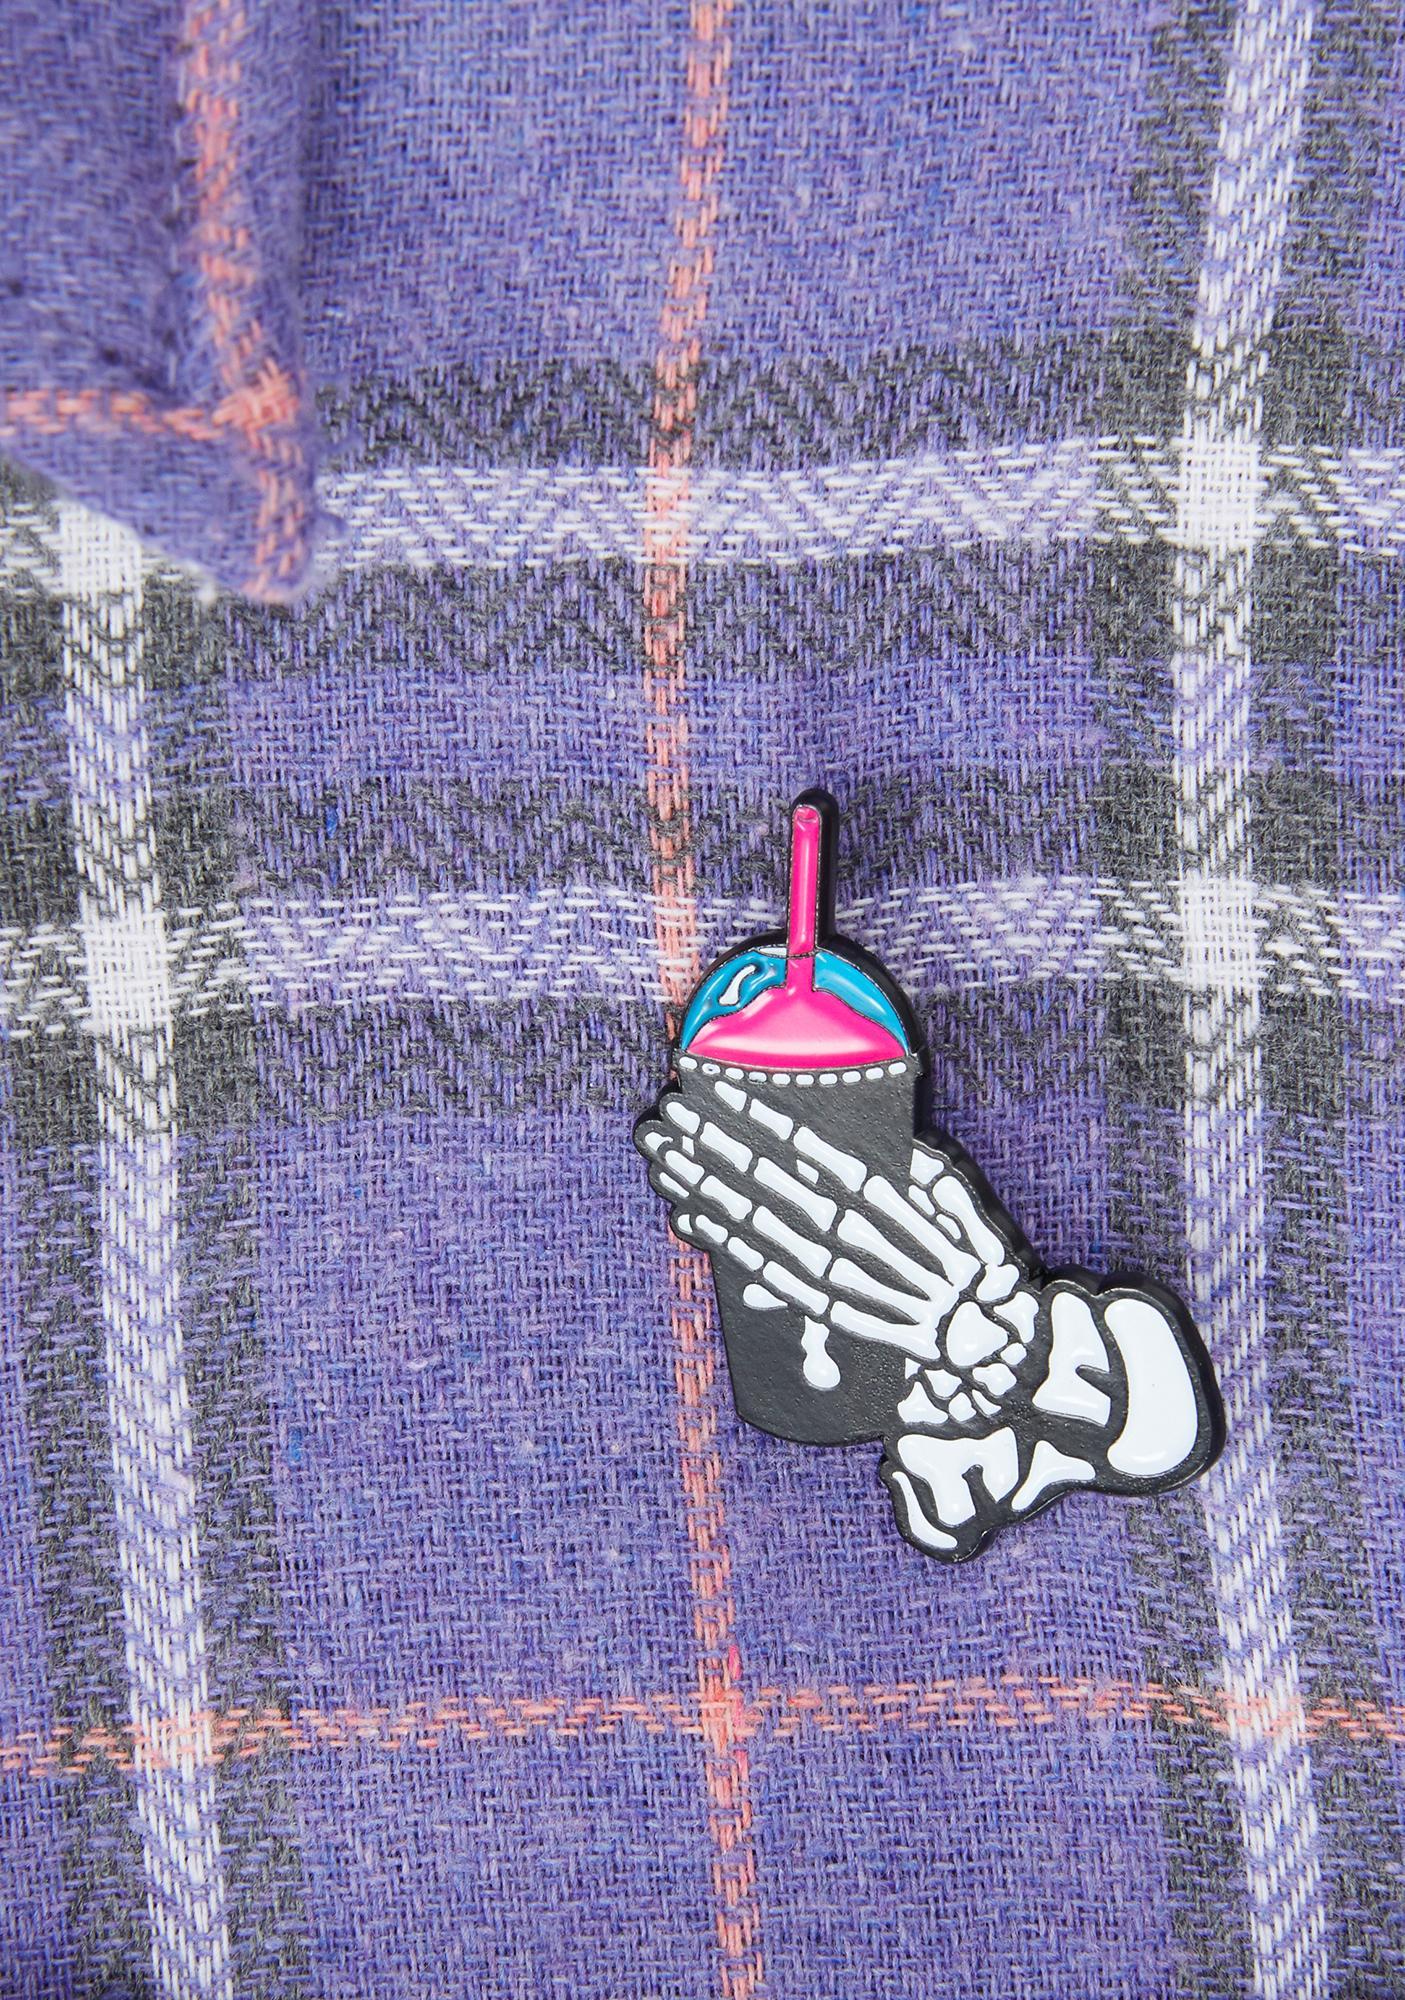 Slushcult Pink Slushgod Bones Pin